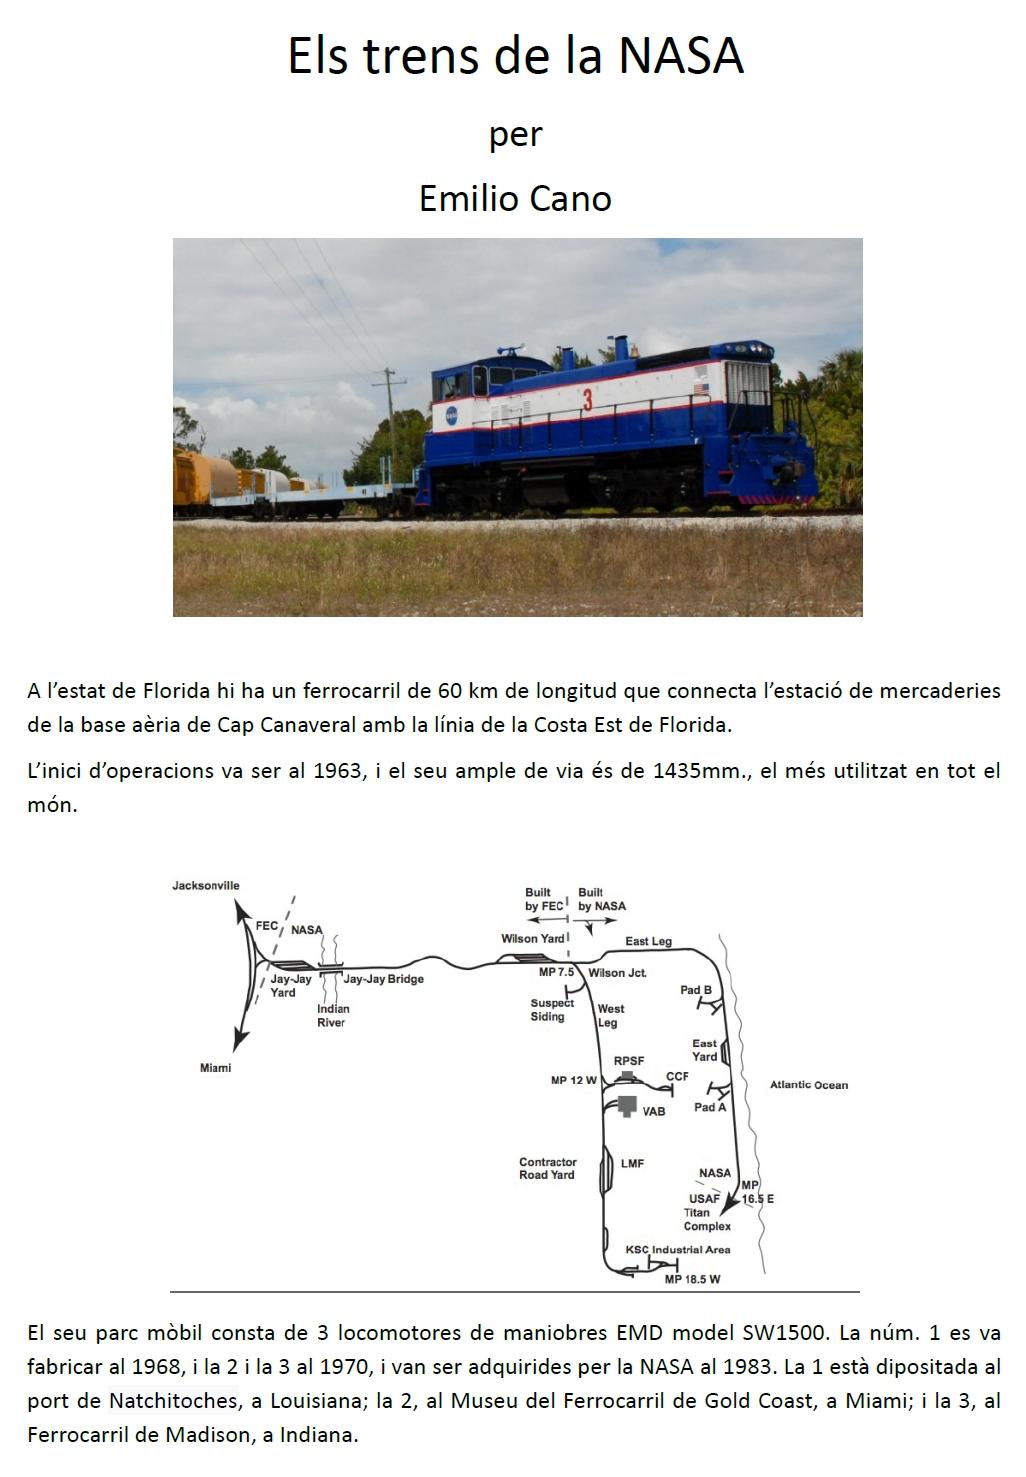 Els trens de la NASA. Emilio Cano